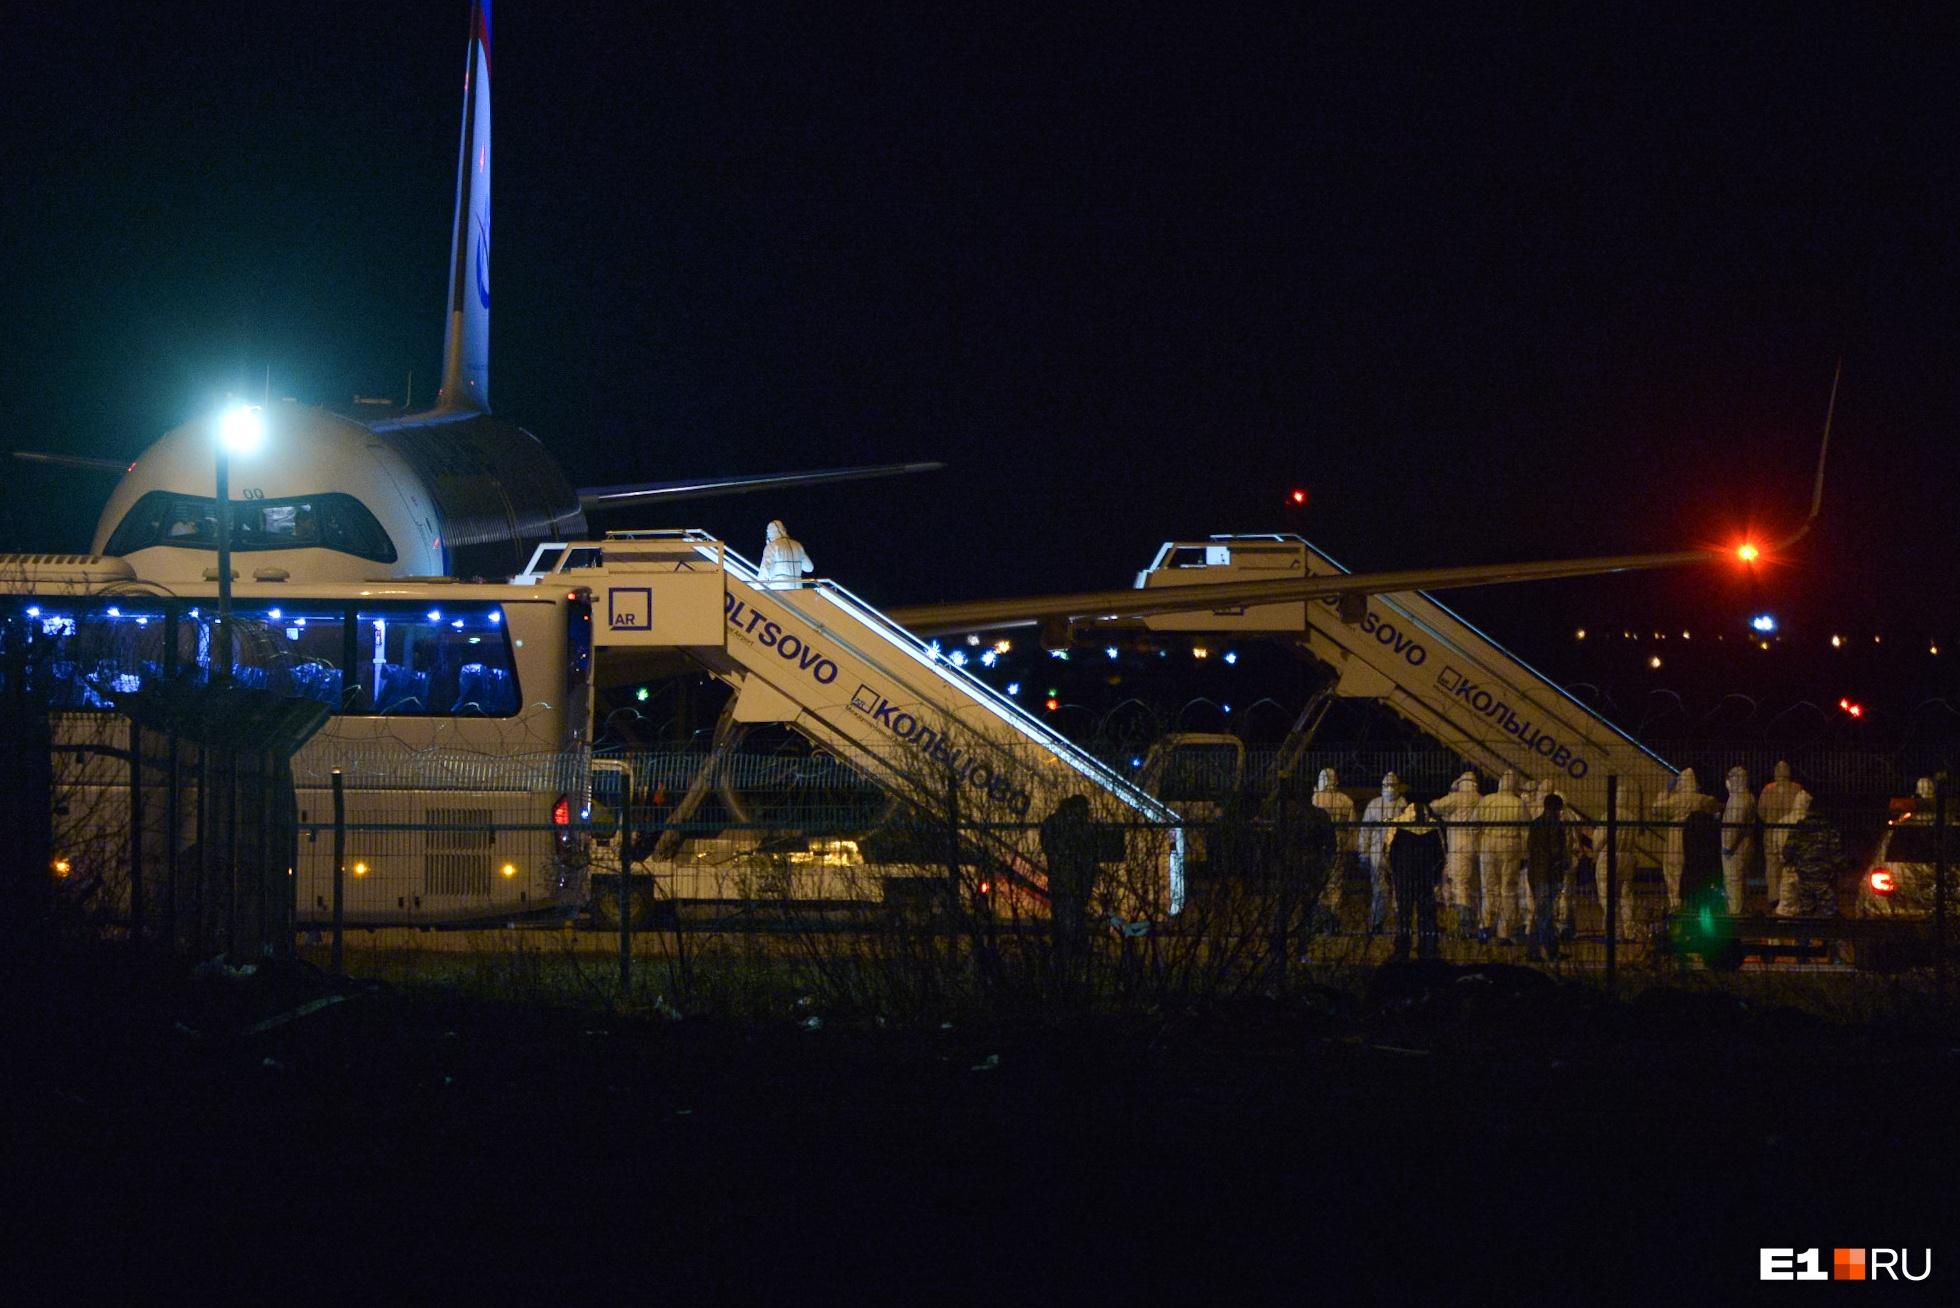 Практически сразу, как самолёт приземлился, на борт поднялись люди в защитных костюмах